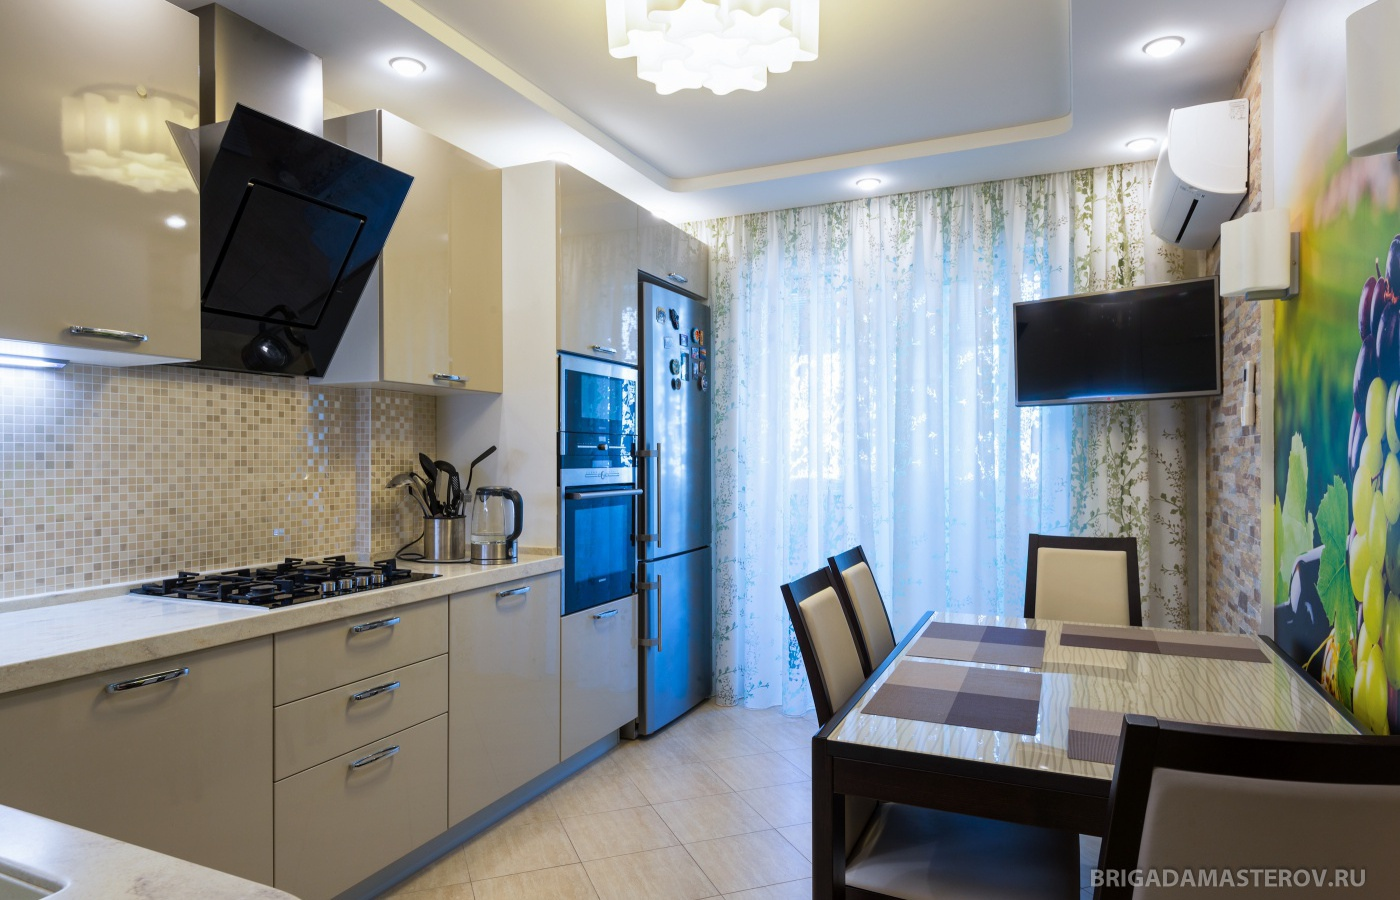 Современный ремонт новой квартиры дизайн реальные фото